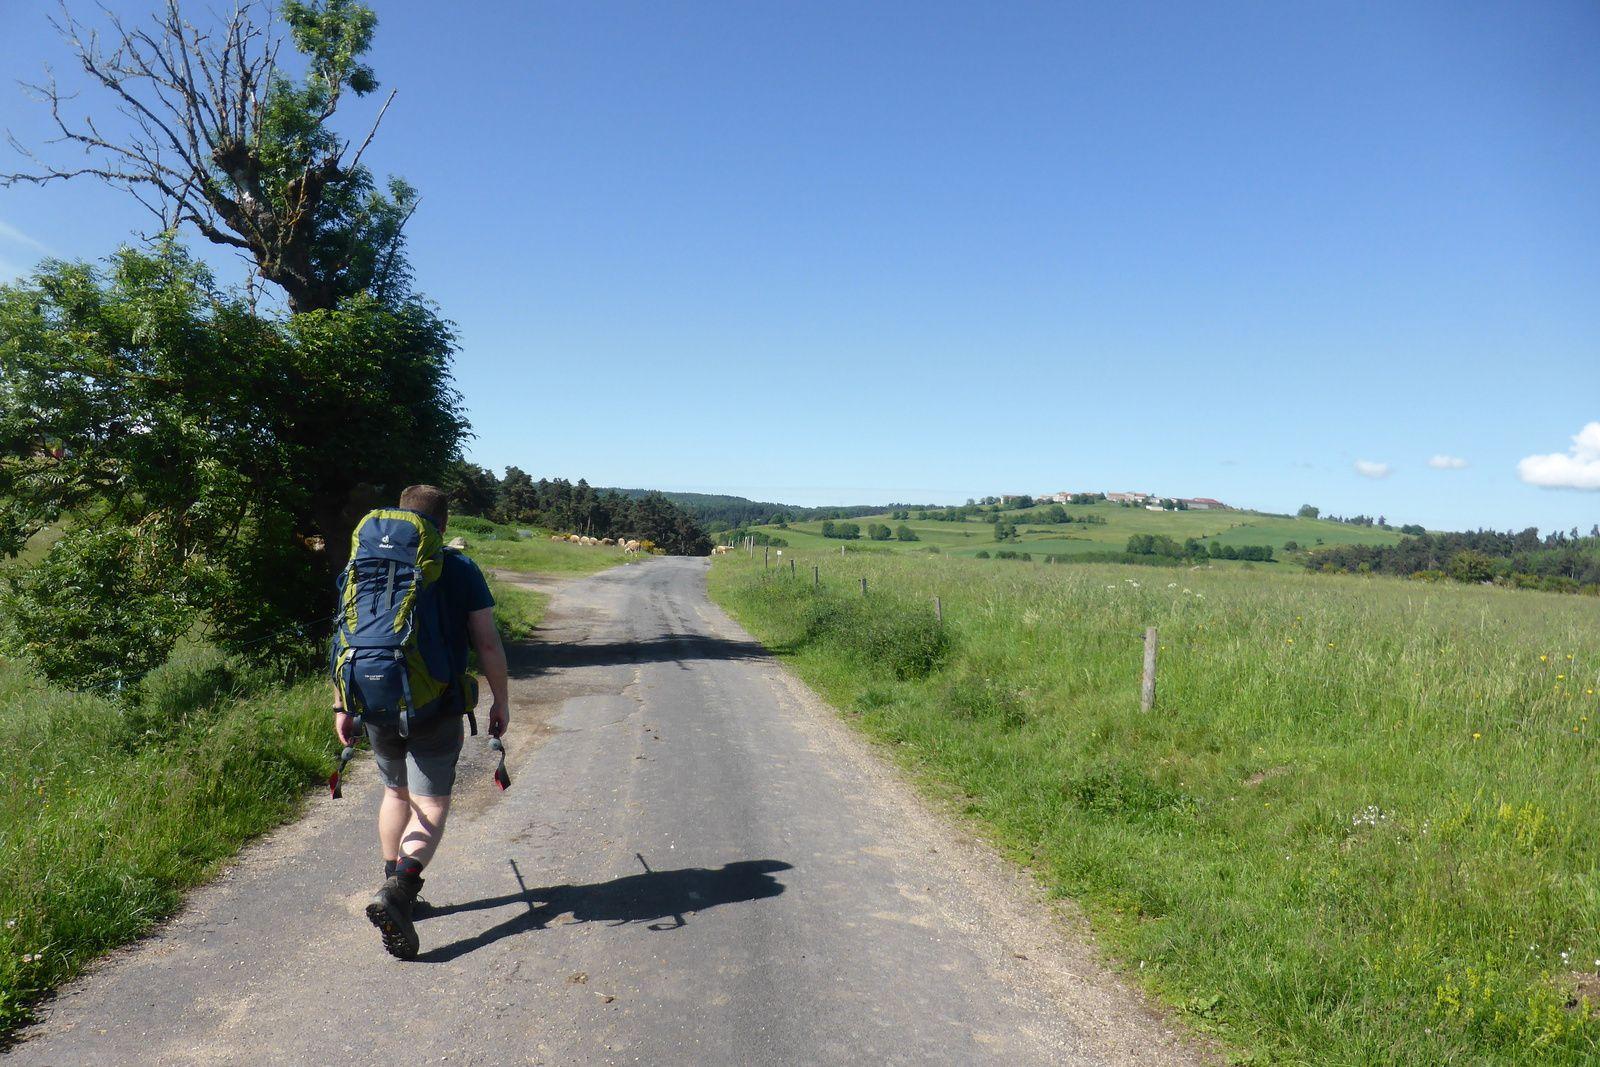 Nous sommes après le village de Montaure à 1020m d'altitude, fini la montée, et vive le plat maintenant dans une météo ensoleillée.